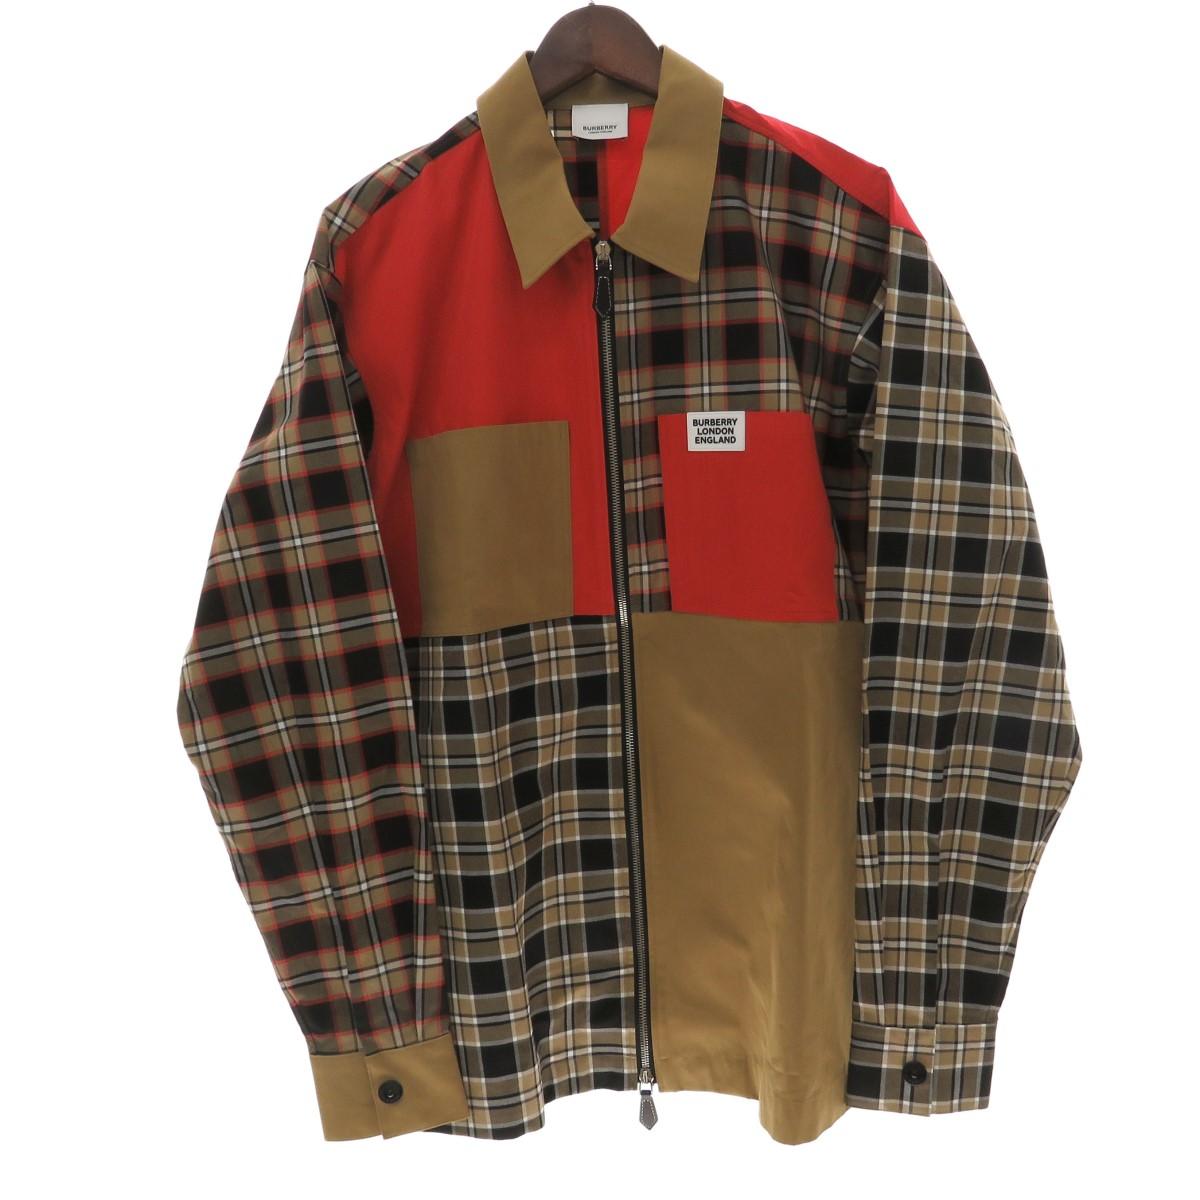 【中古】BURBERRY 20SS パッチワーク ジップアップ シャツジャケット ベージュ×レッド サイズ:S 【100520】(バーバリー)